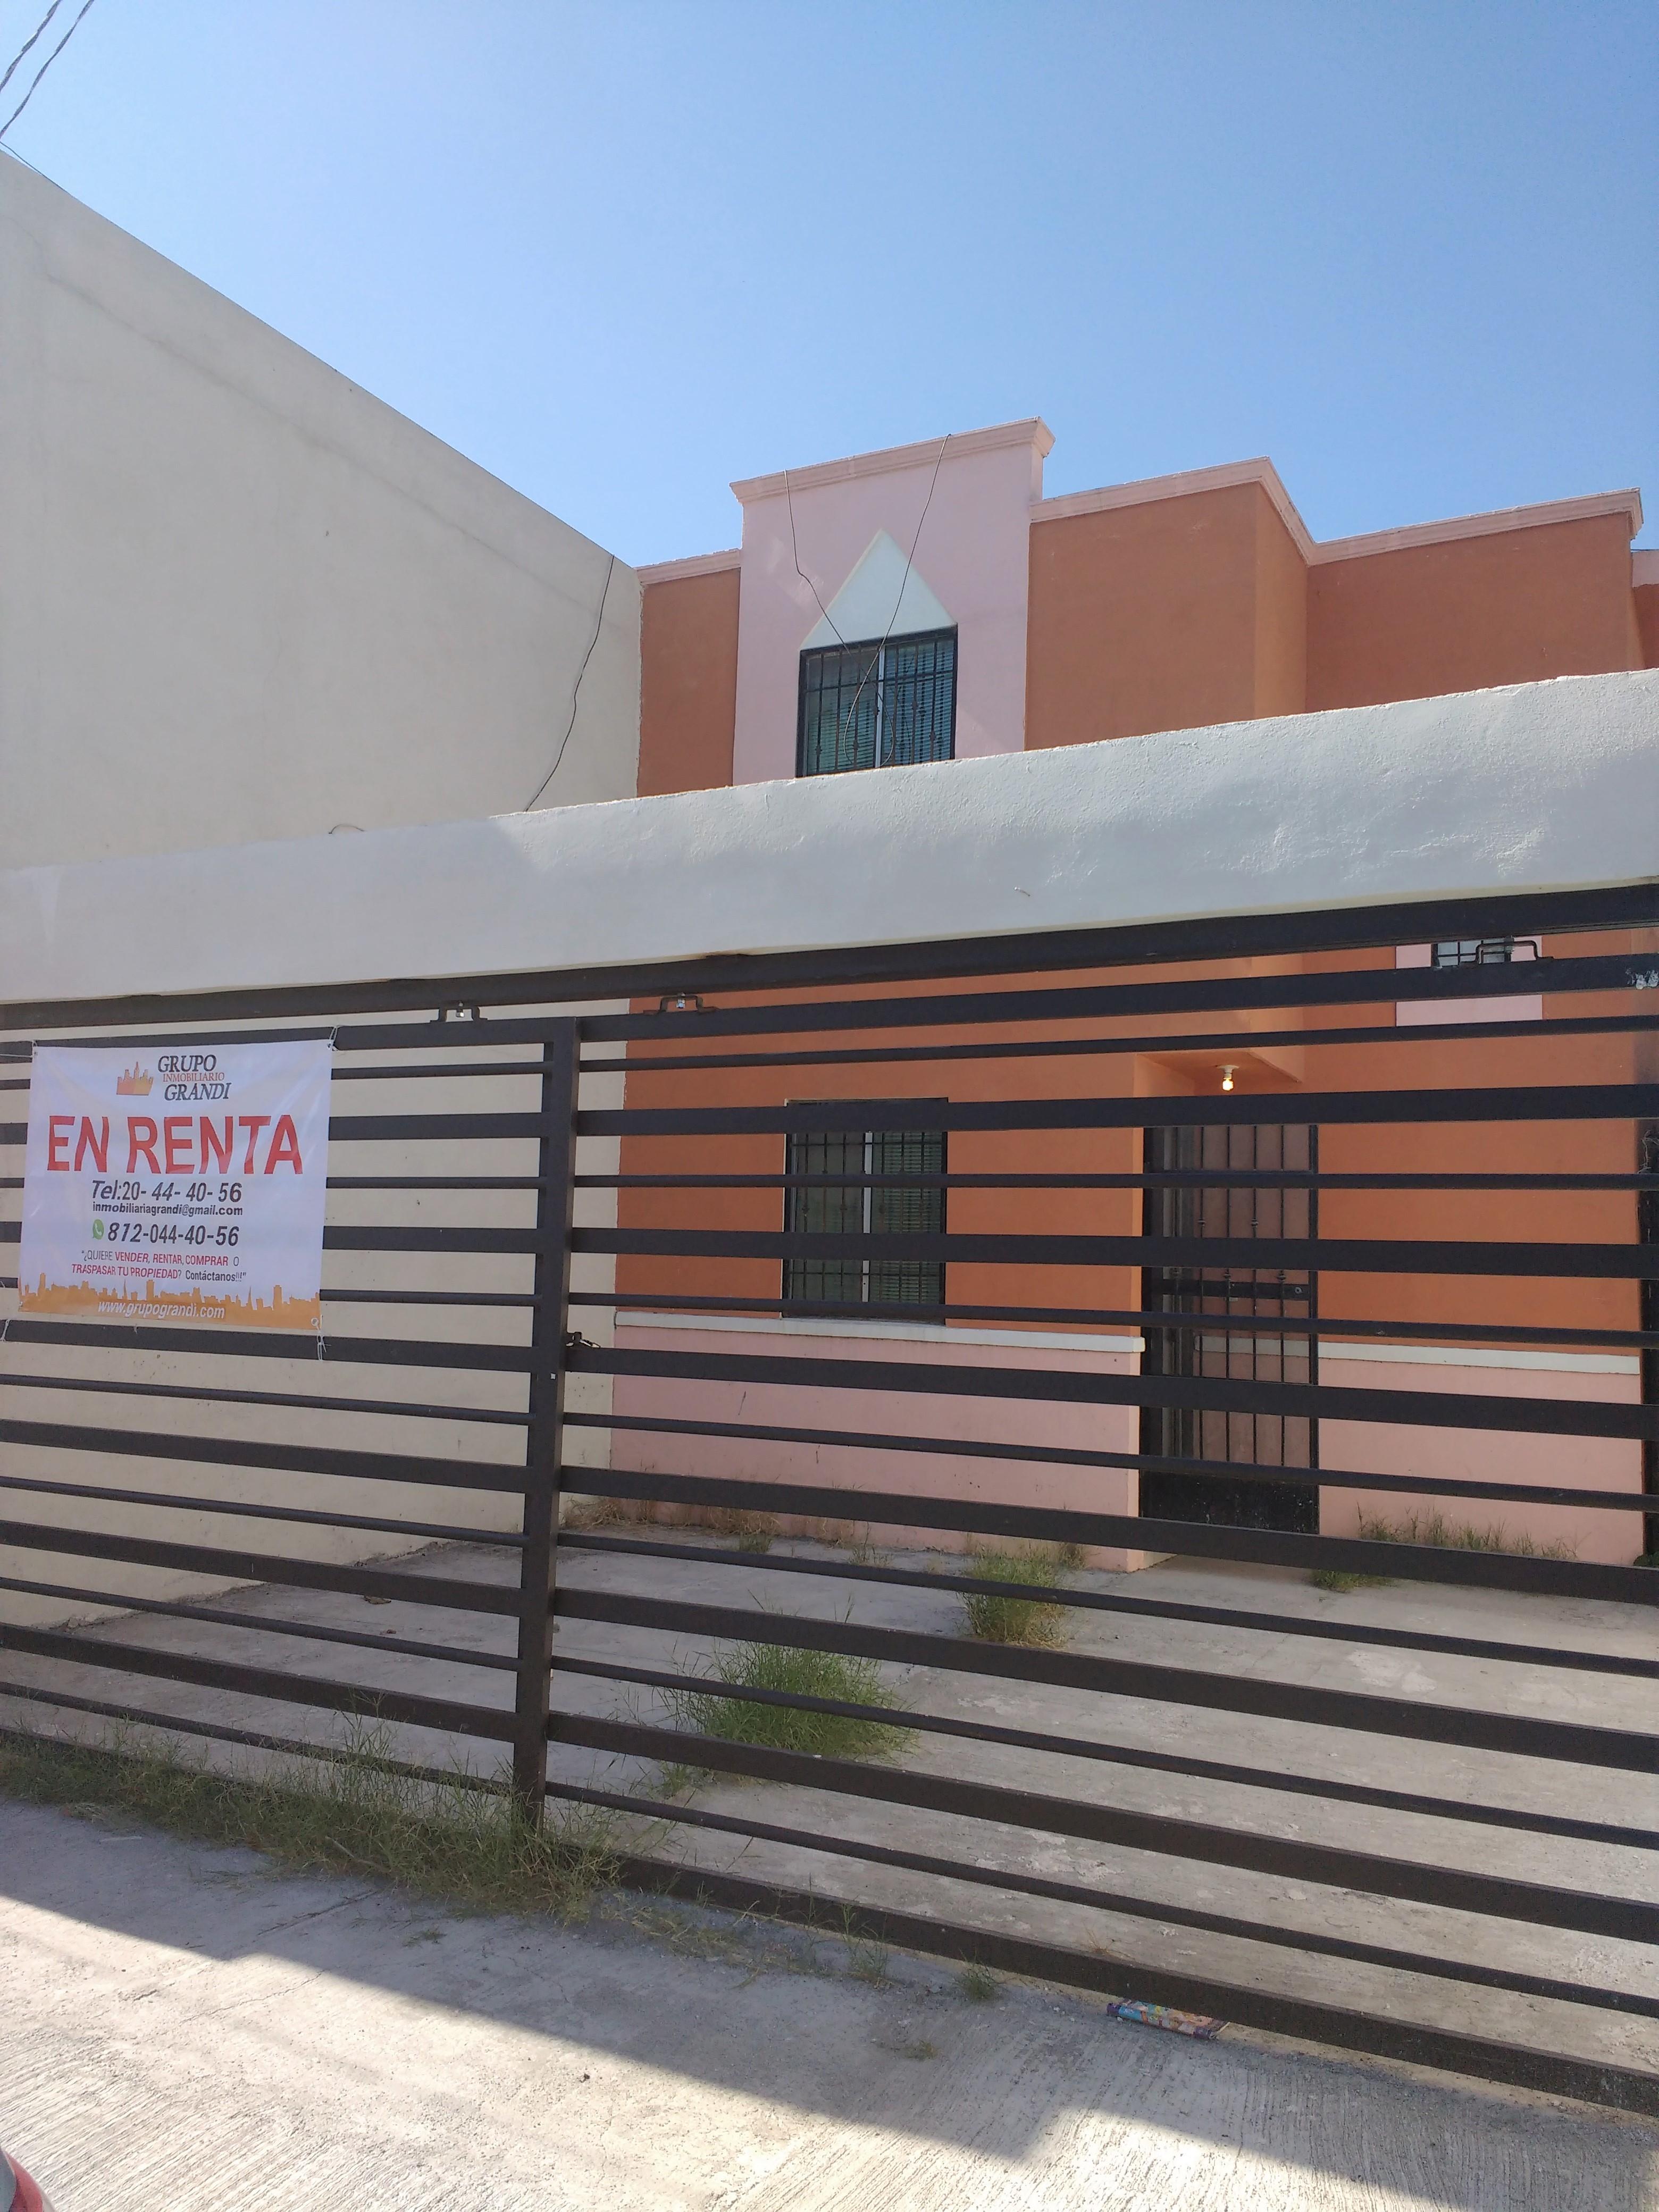 Casa en renta en valle de las palmas apodaca nl casa en for Casas de renta